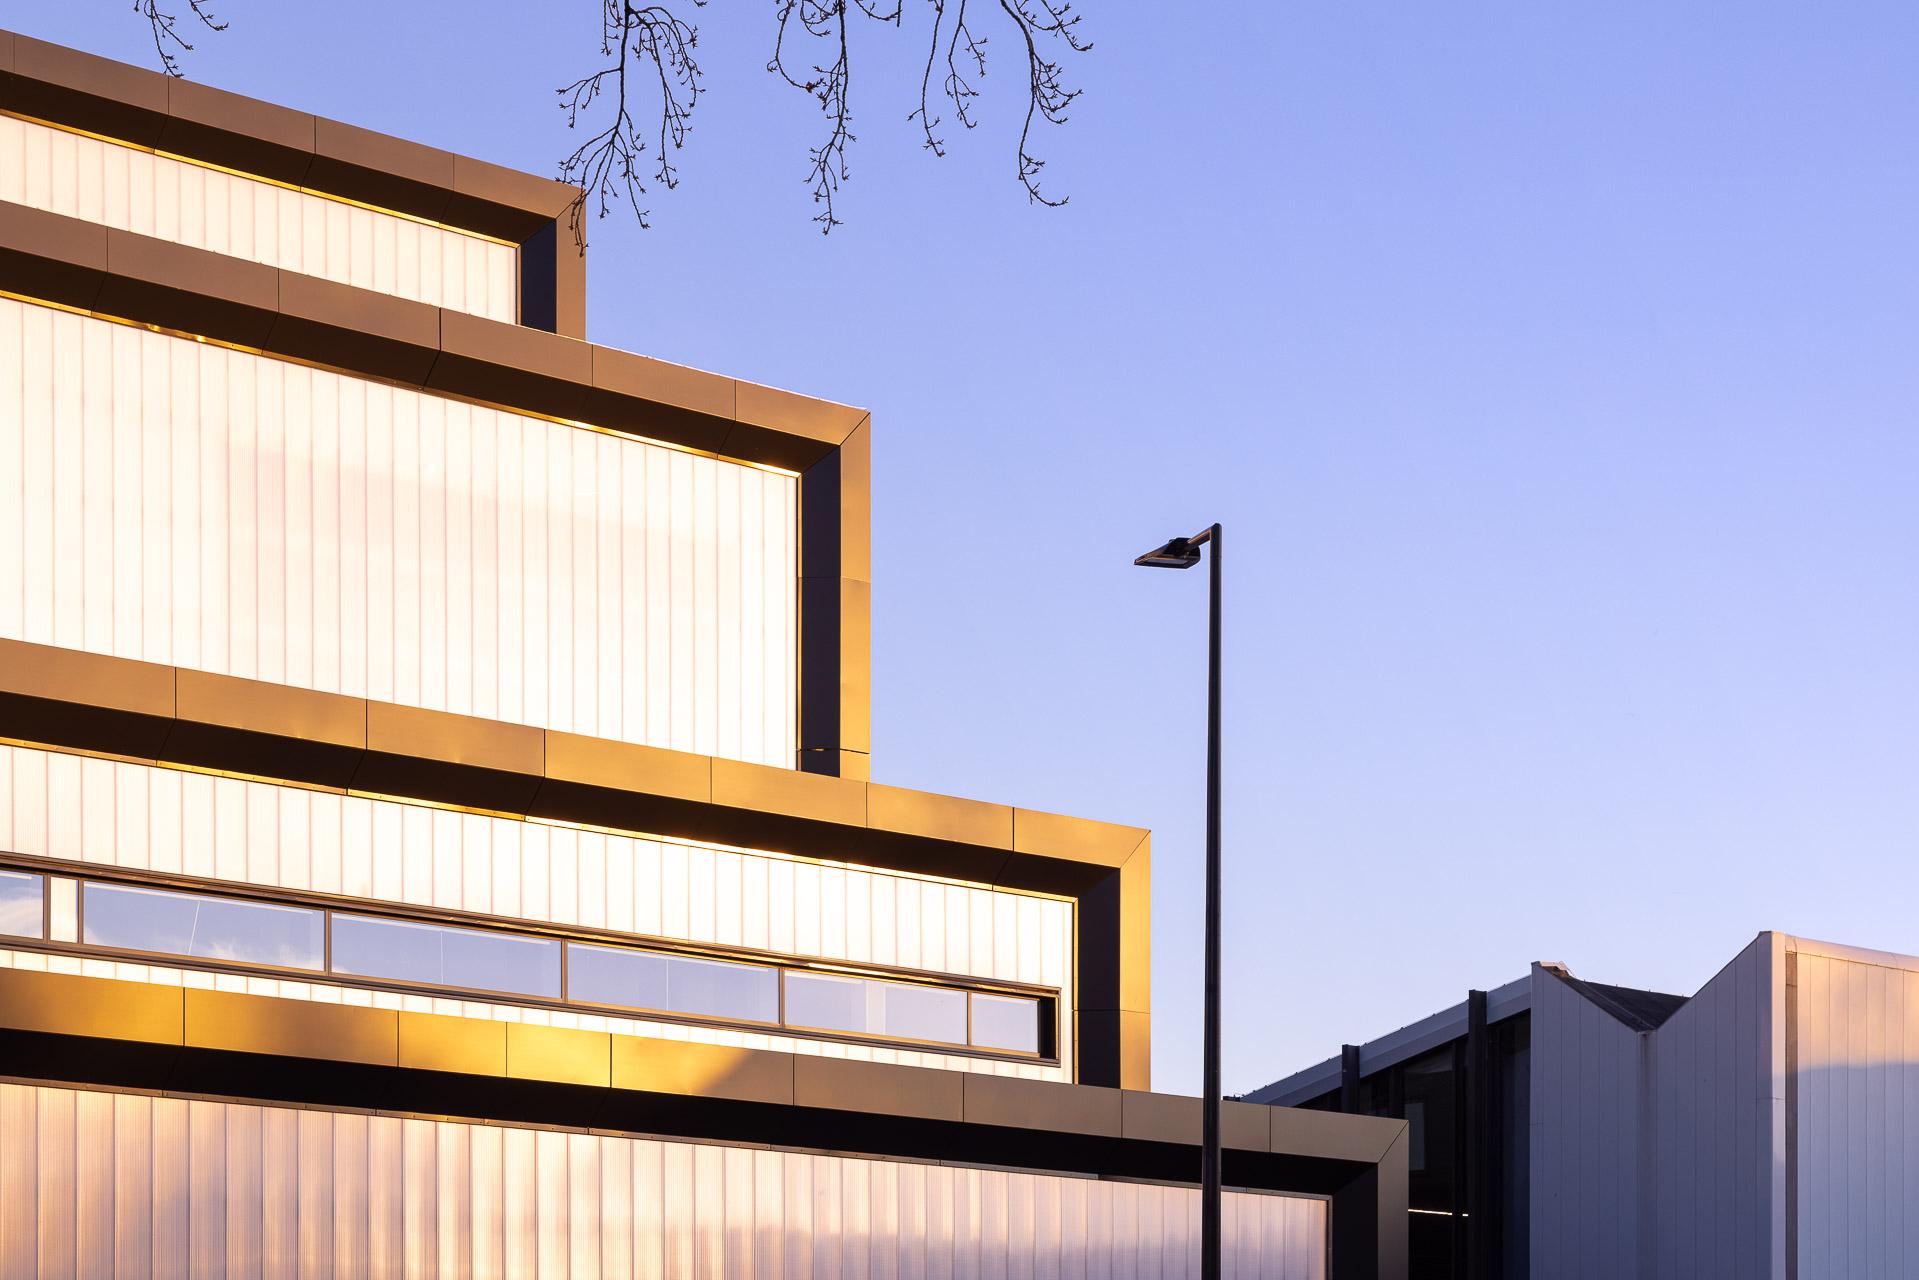 SP2020-Rotterdam-Ahoy-Convention-Centre-Exterieur-10-Architectuur-fotografie